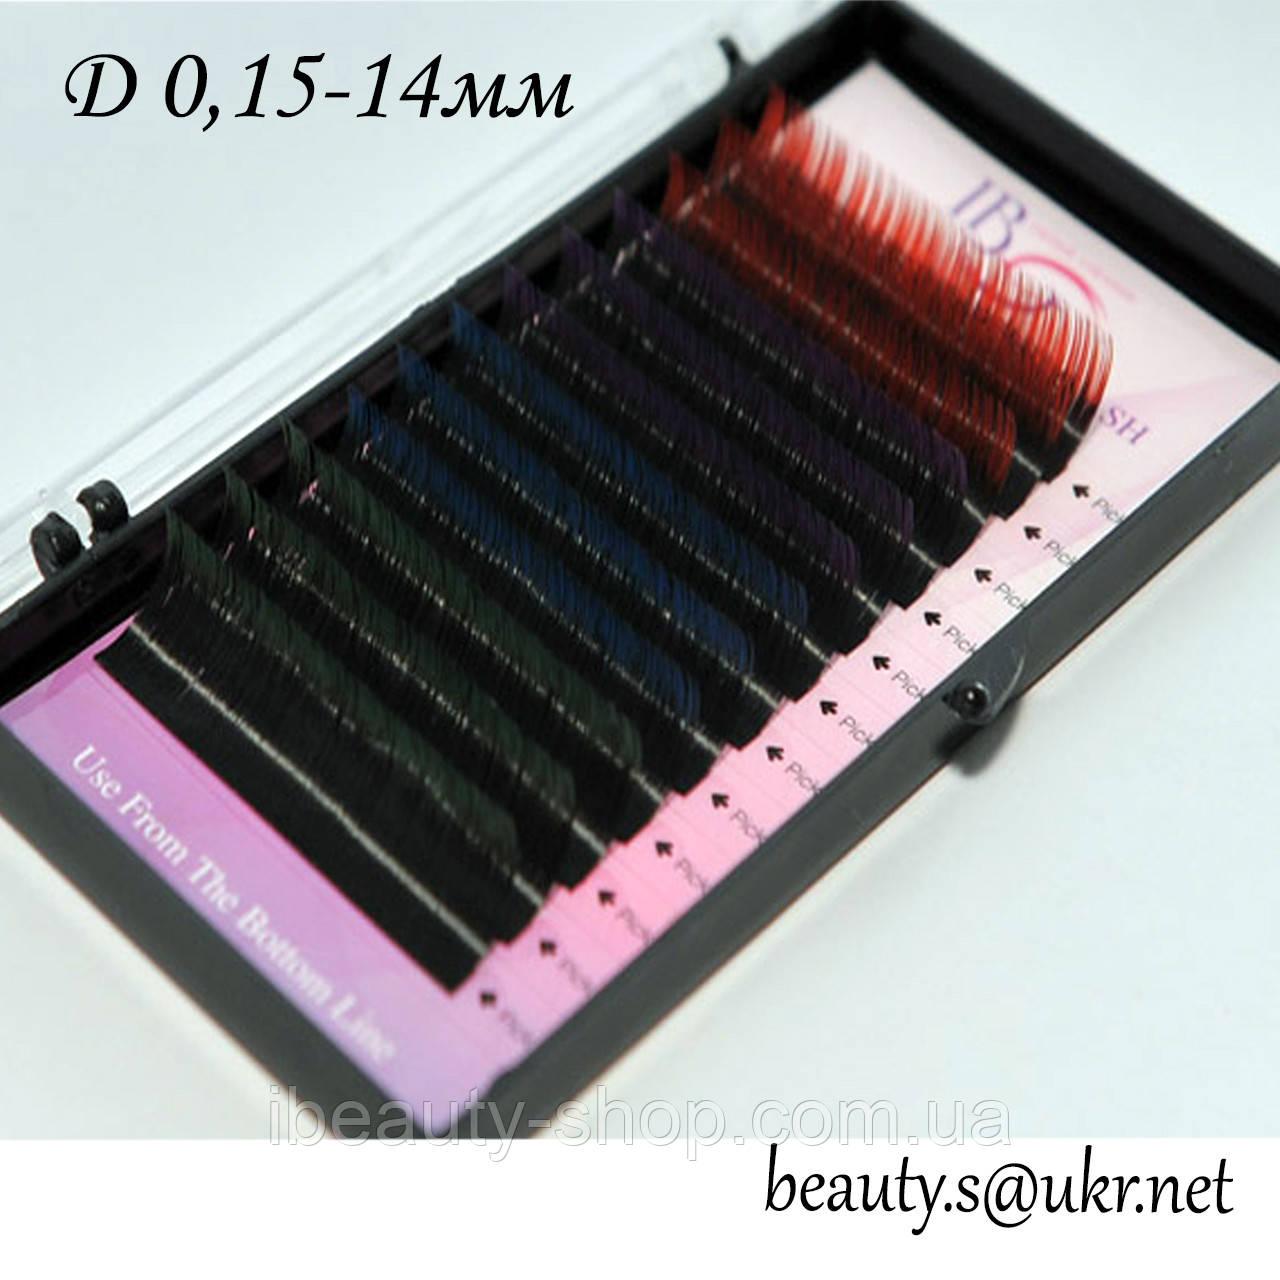 Ресницы I-Beauty, Д 0,15-14мм,цветные концы,4 цвета